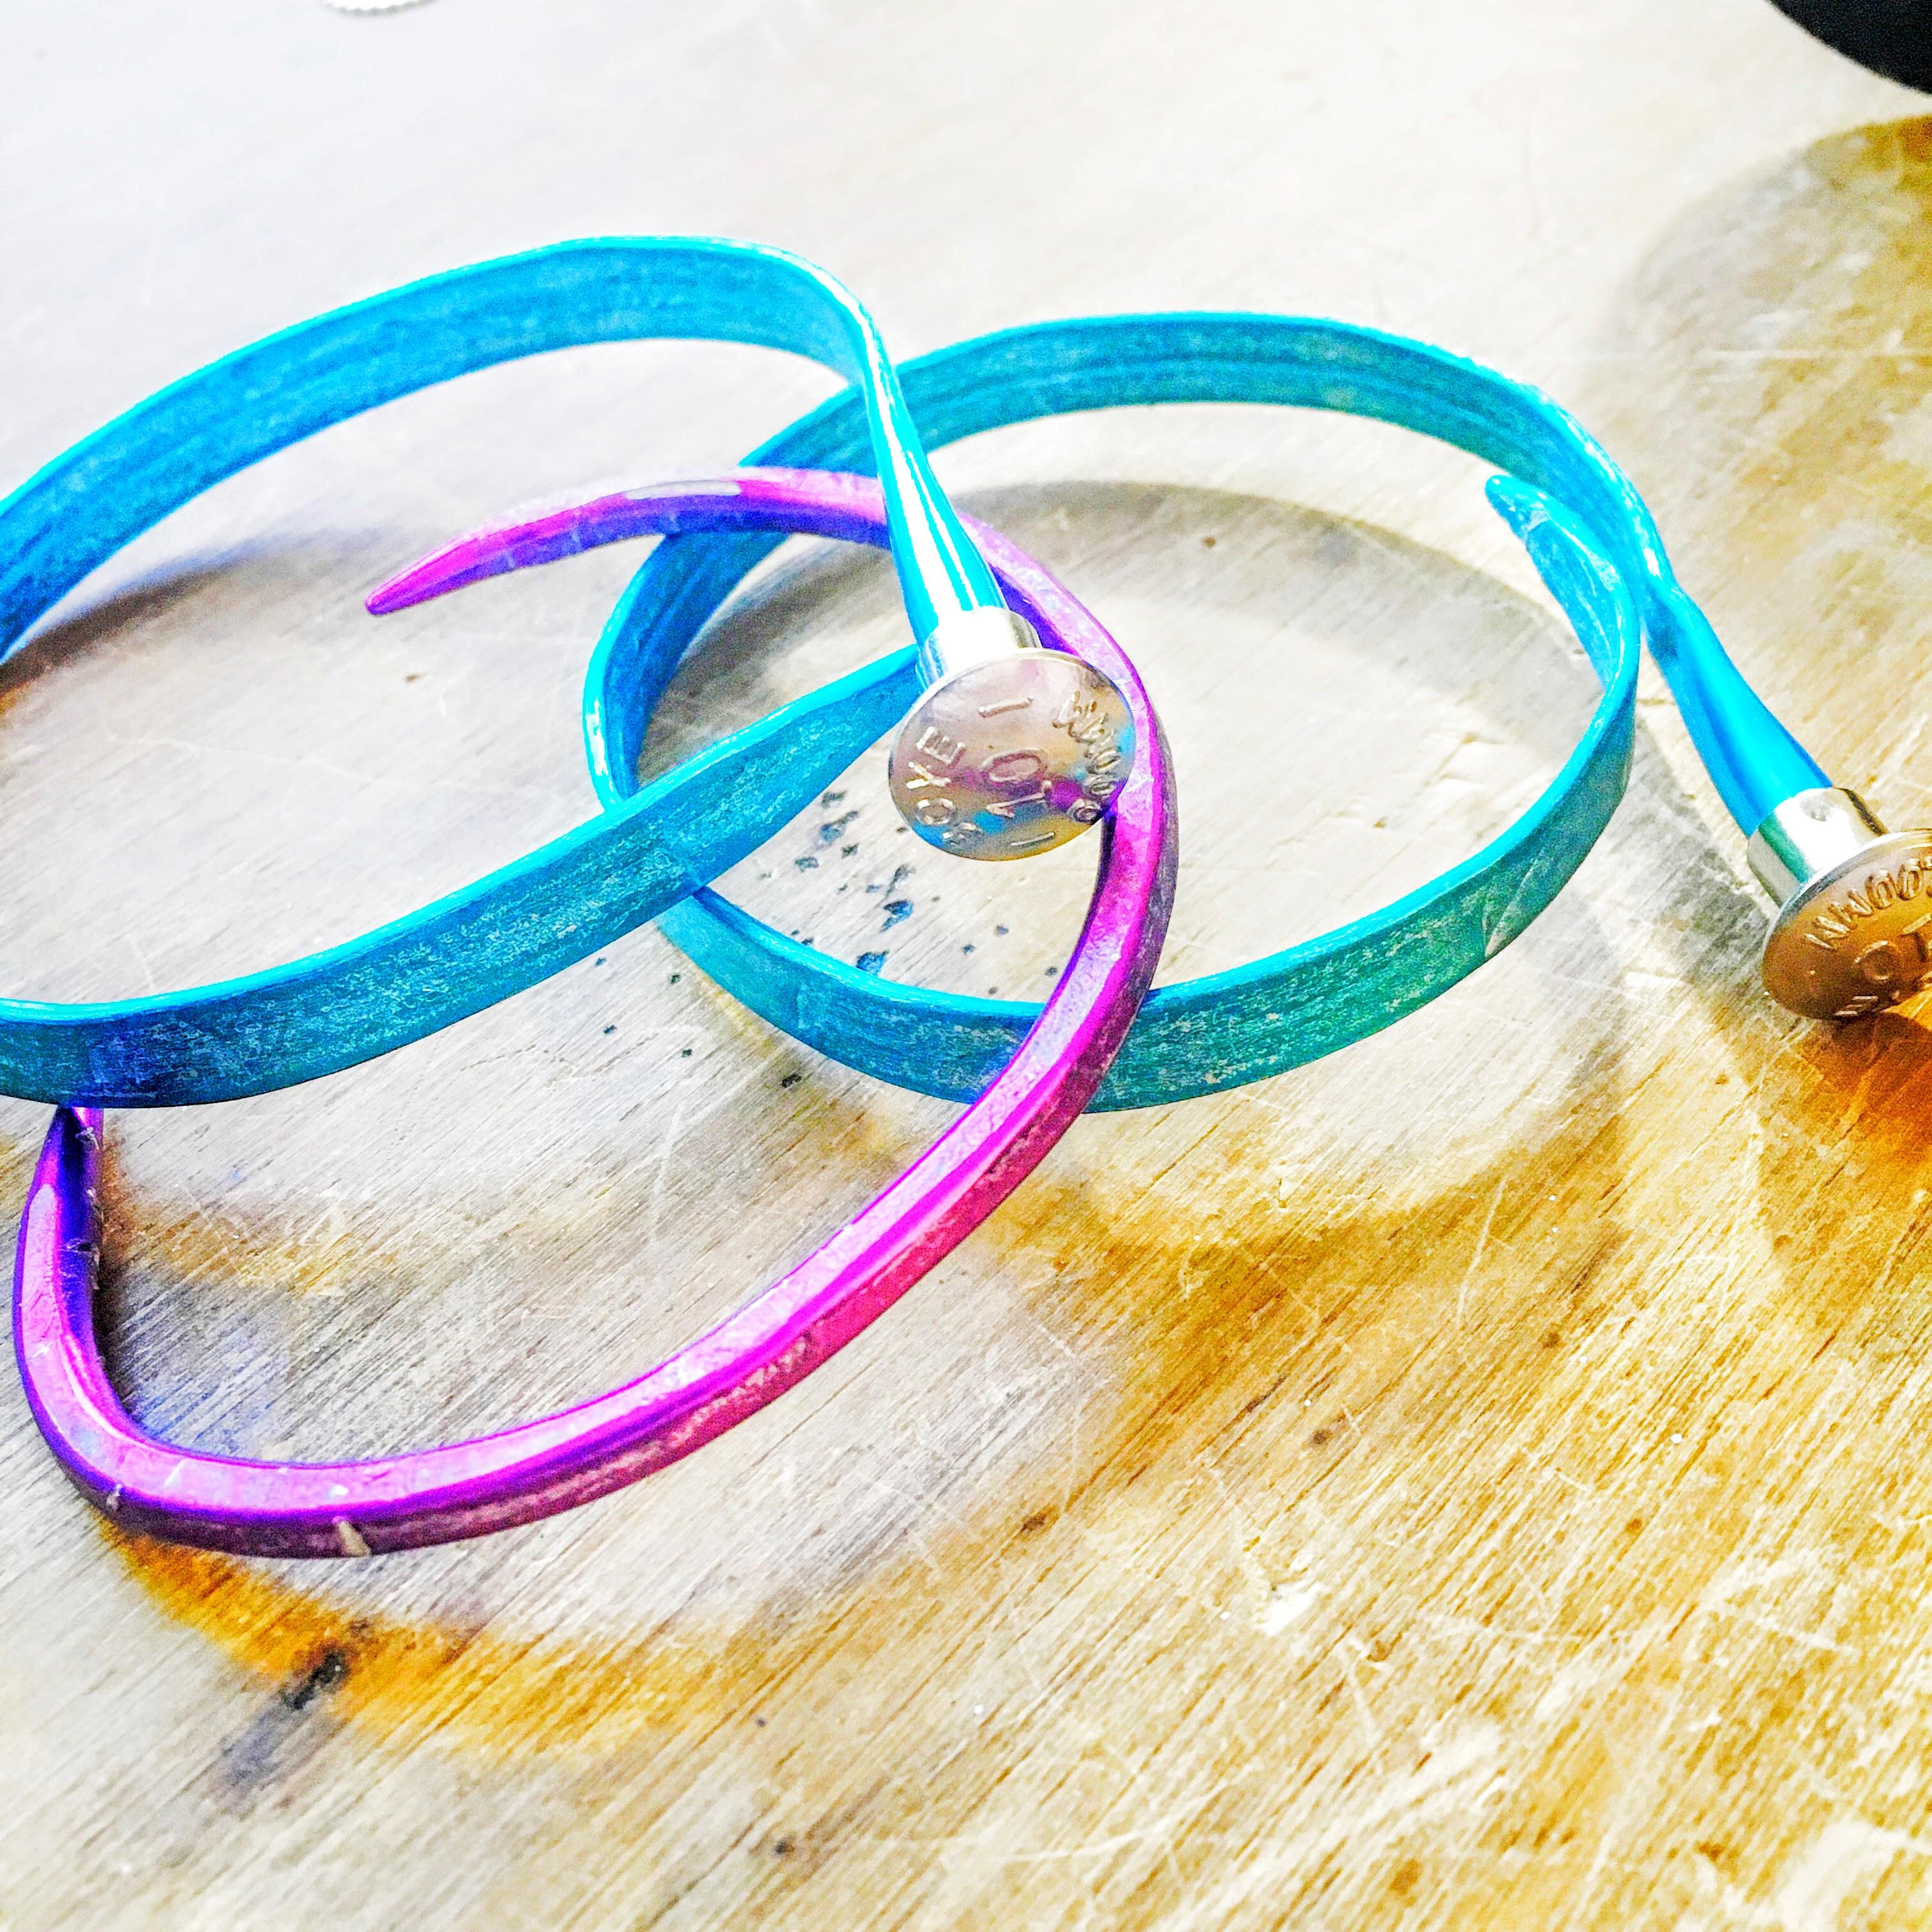 Knitting Needle Bracelets